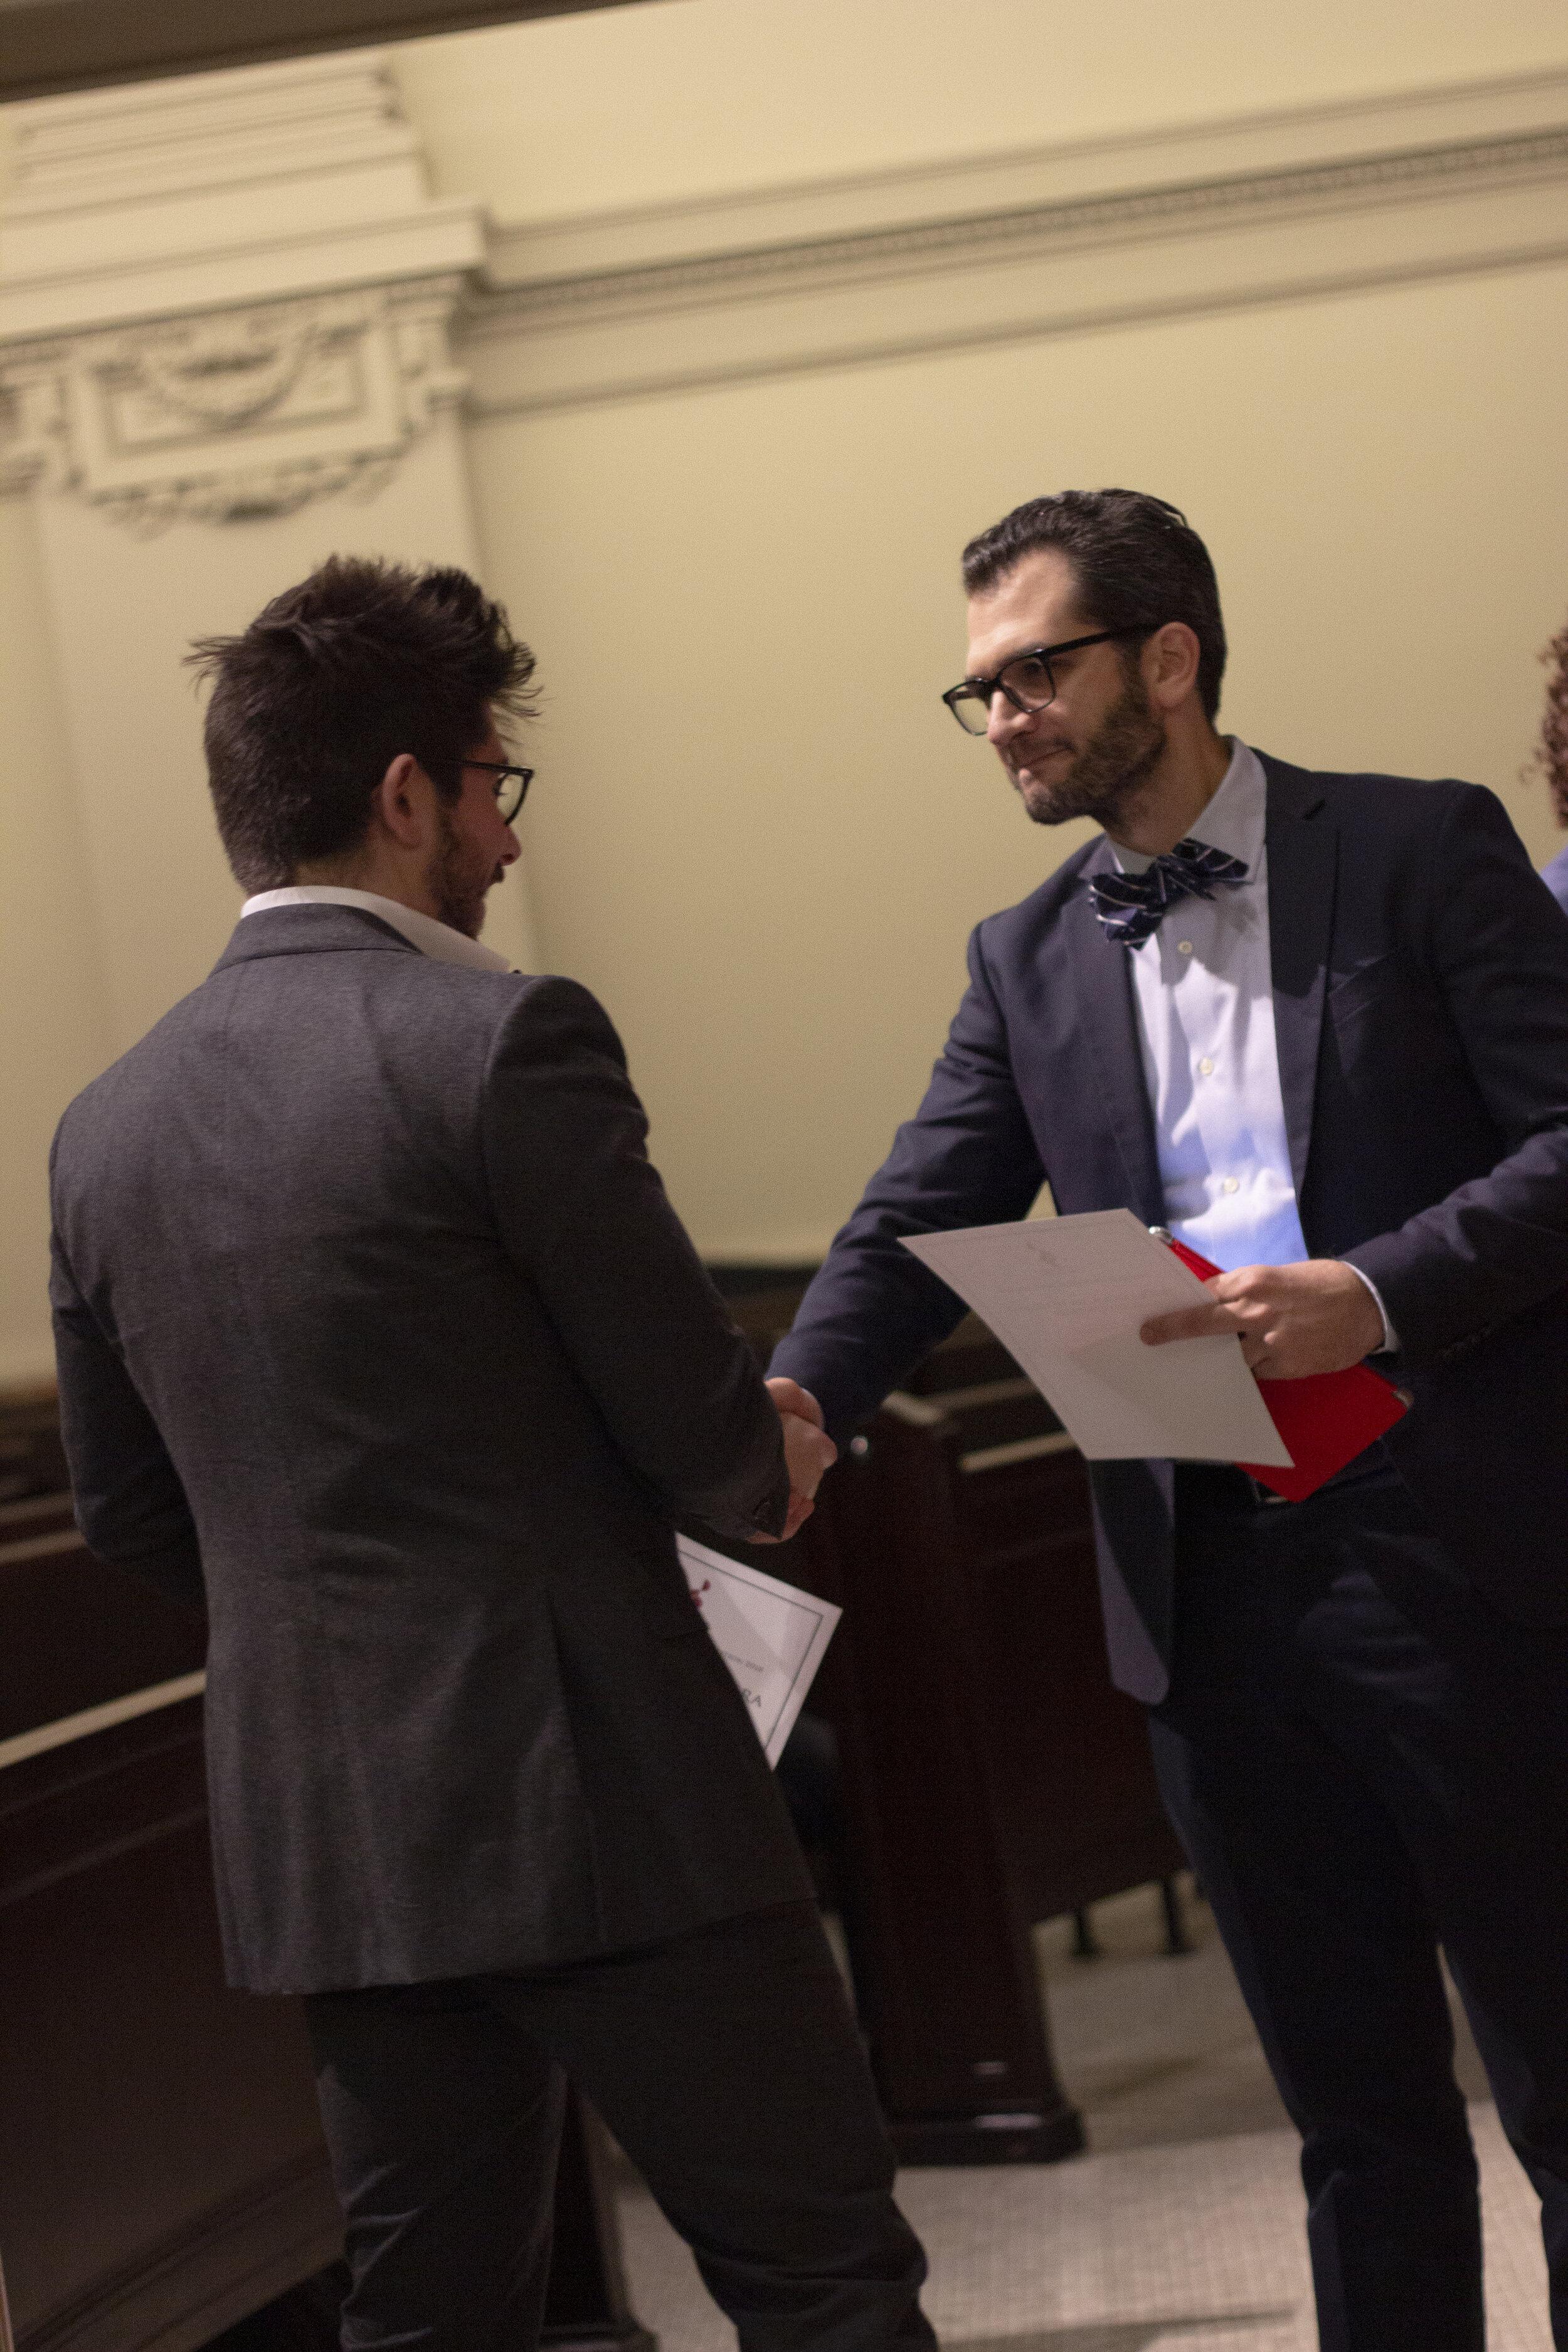 Founder, Eric Margiore presenting tenor, Mario Rojas with the Teatro Alla Scala Prize.